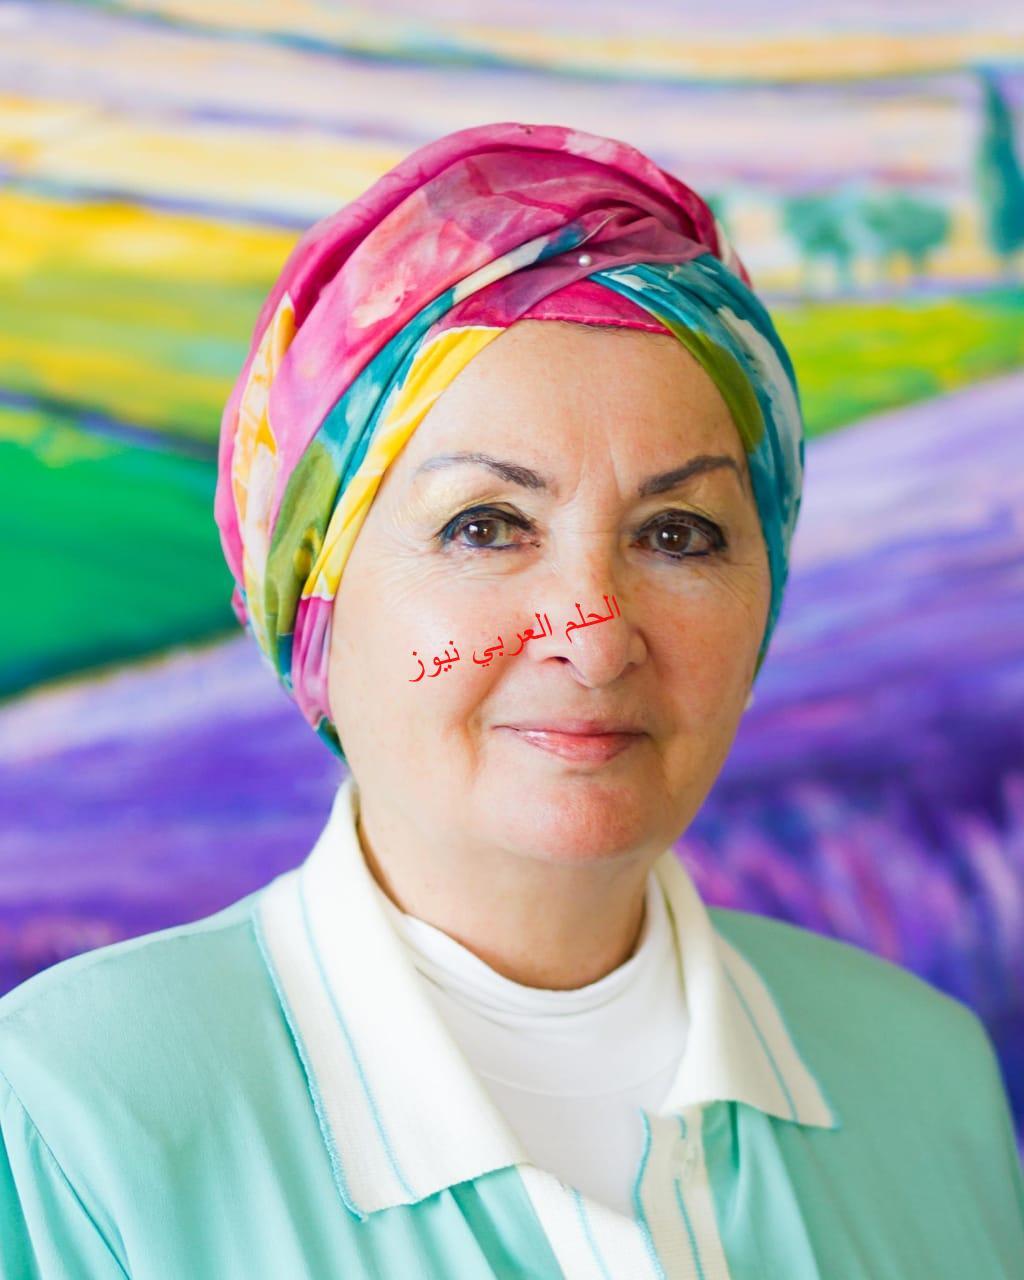 قطاع الفنون التشكيلية يحتفي بالدكتورة زينب عبدالعزيز بمعرض استعادي في قاعة الباب.